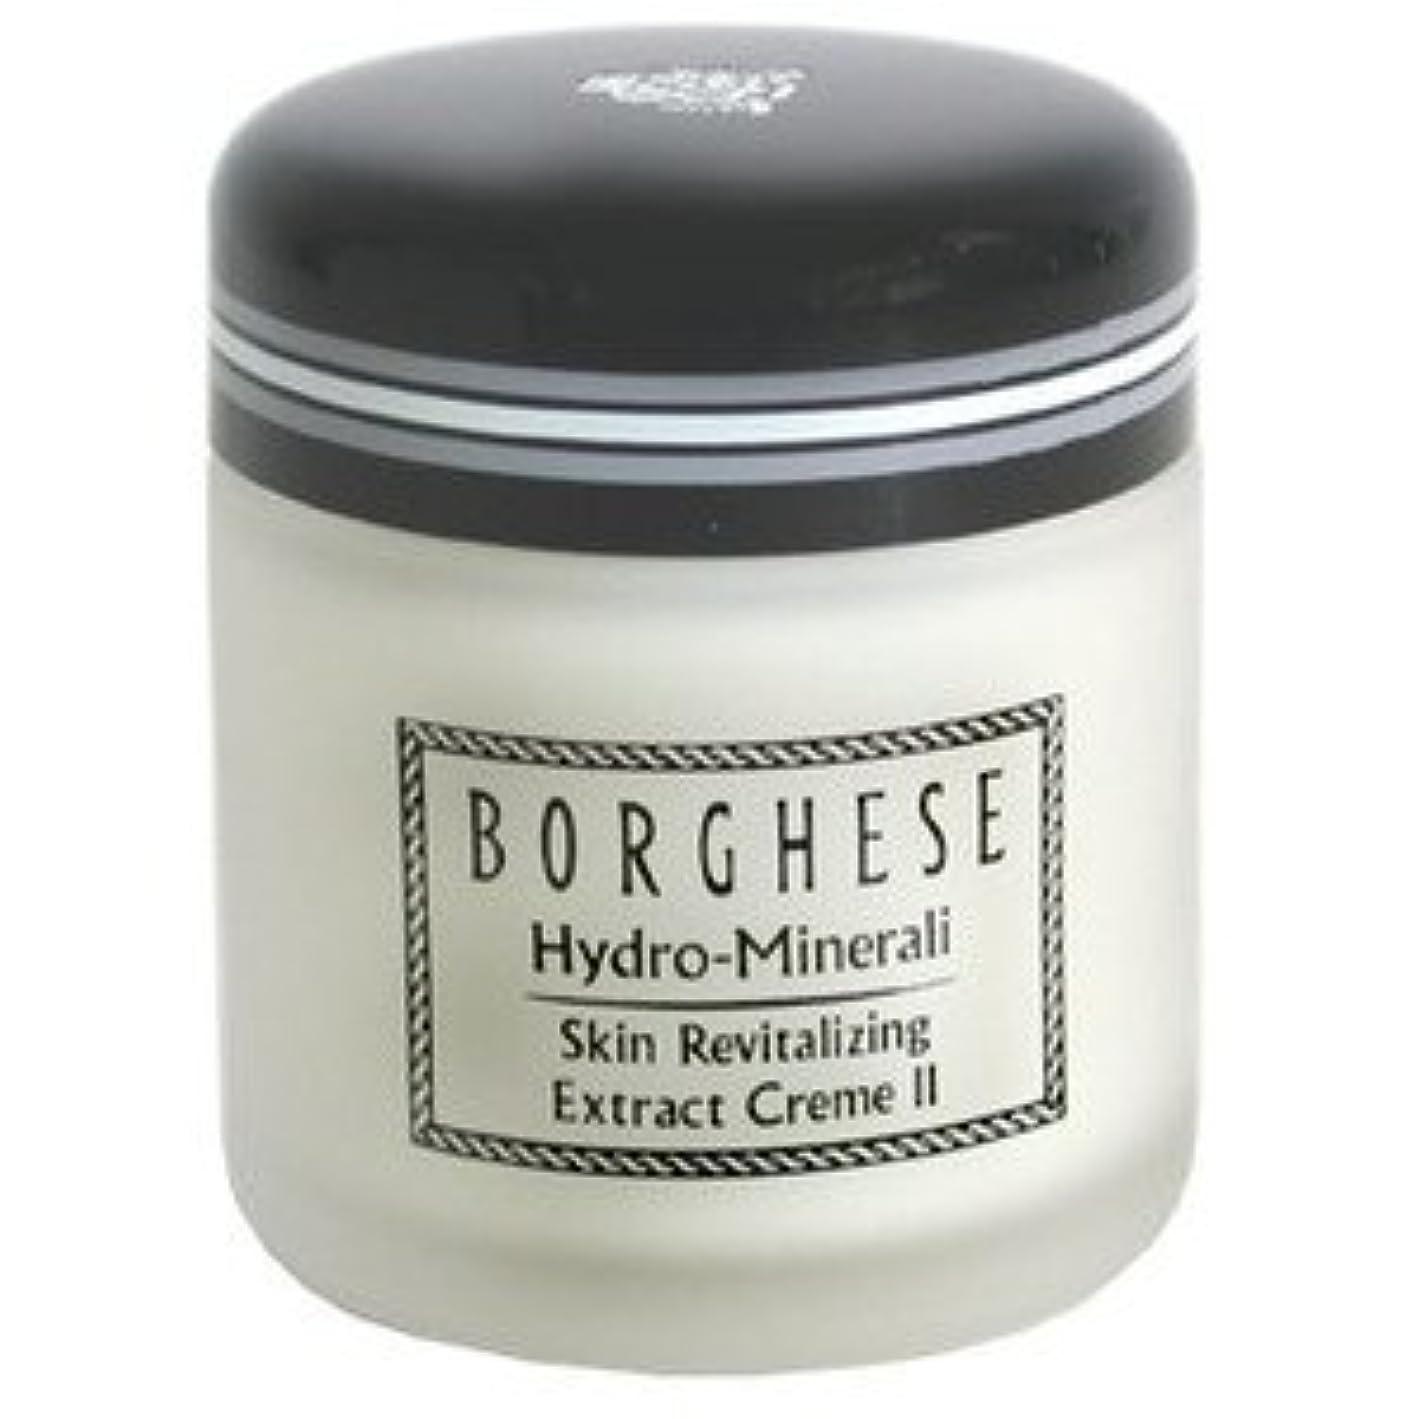 センターフェザー充実ボルゲーゼ[Borghese] ハイドロミネラーリ リバイタル エキストラクト クリーム 56g/1.8oz [並行輸入品]